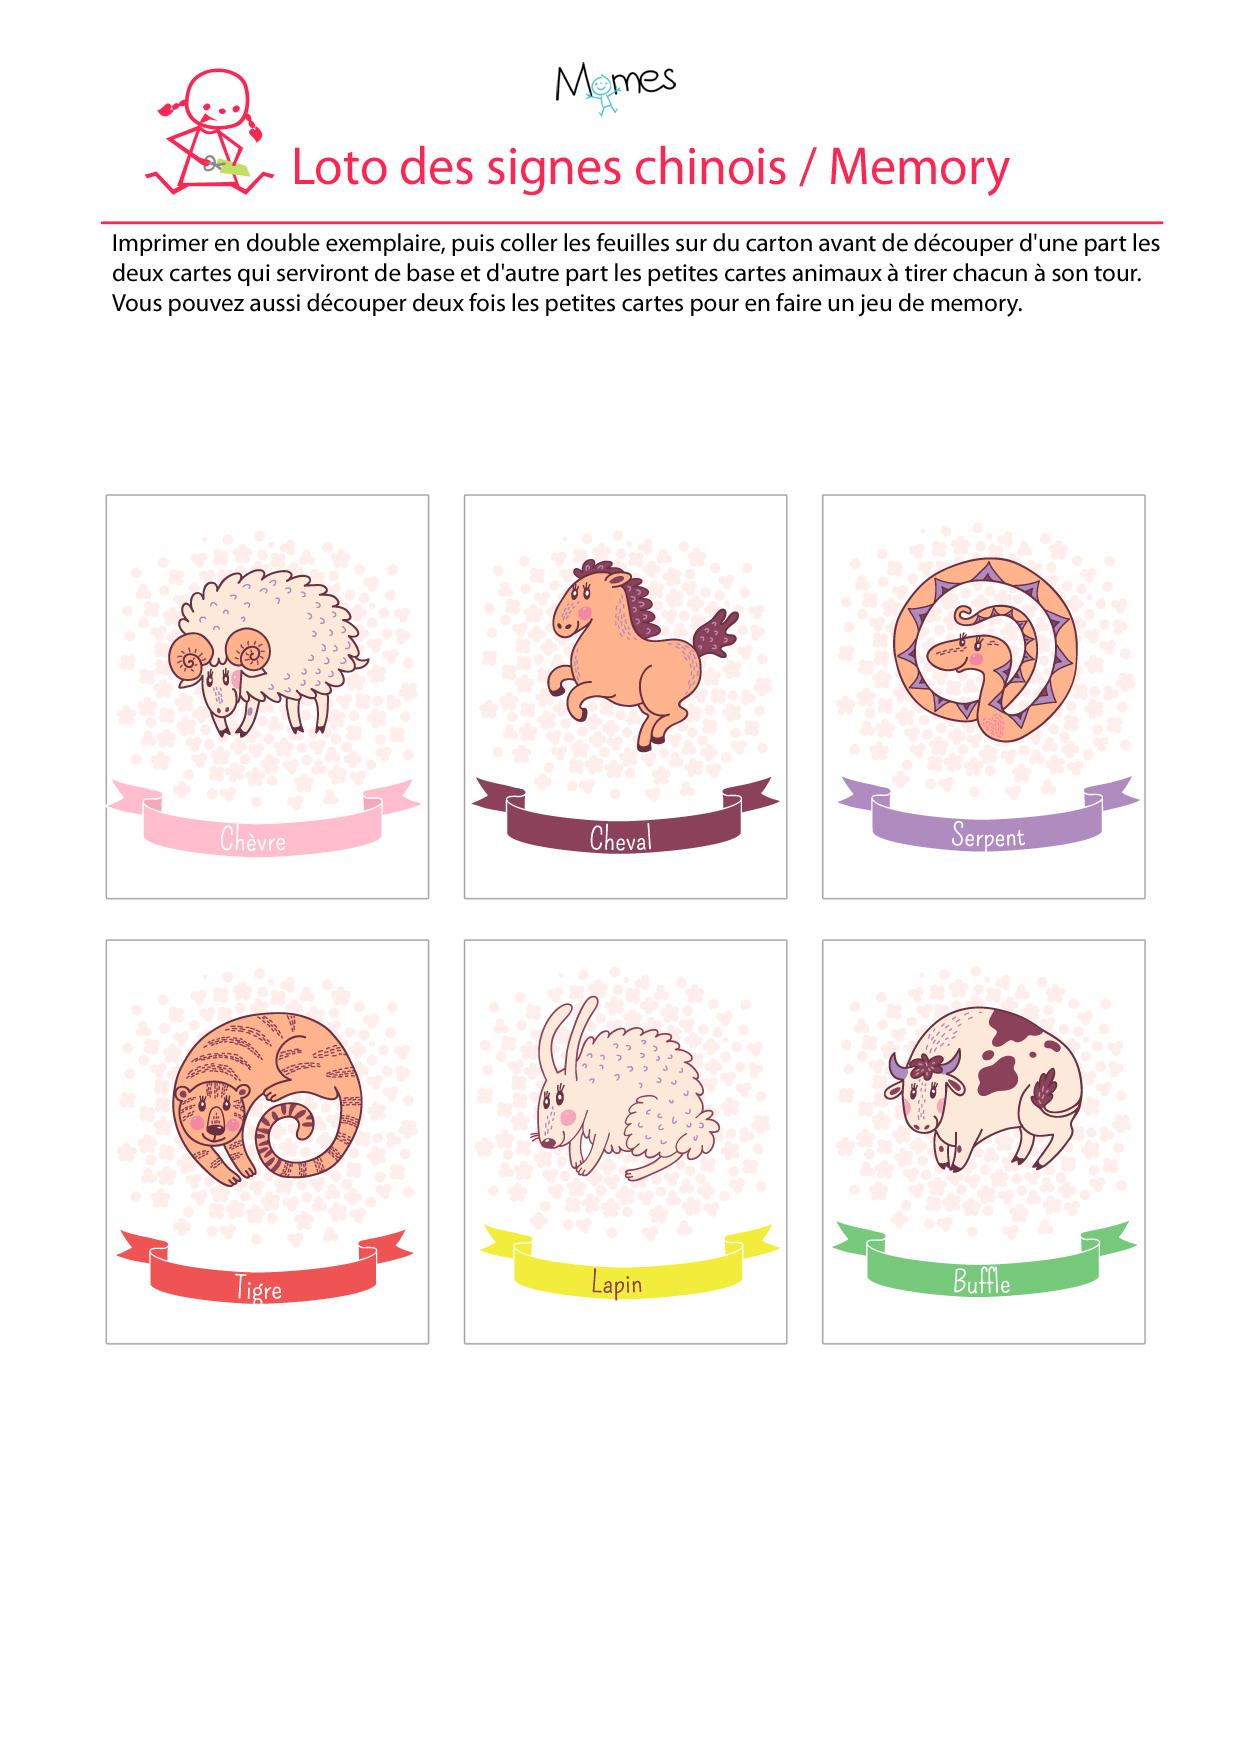 Le loto du Zodiaque chinois